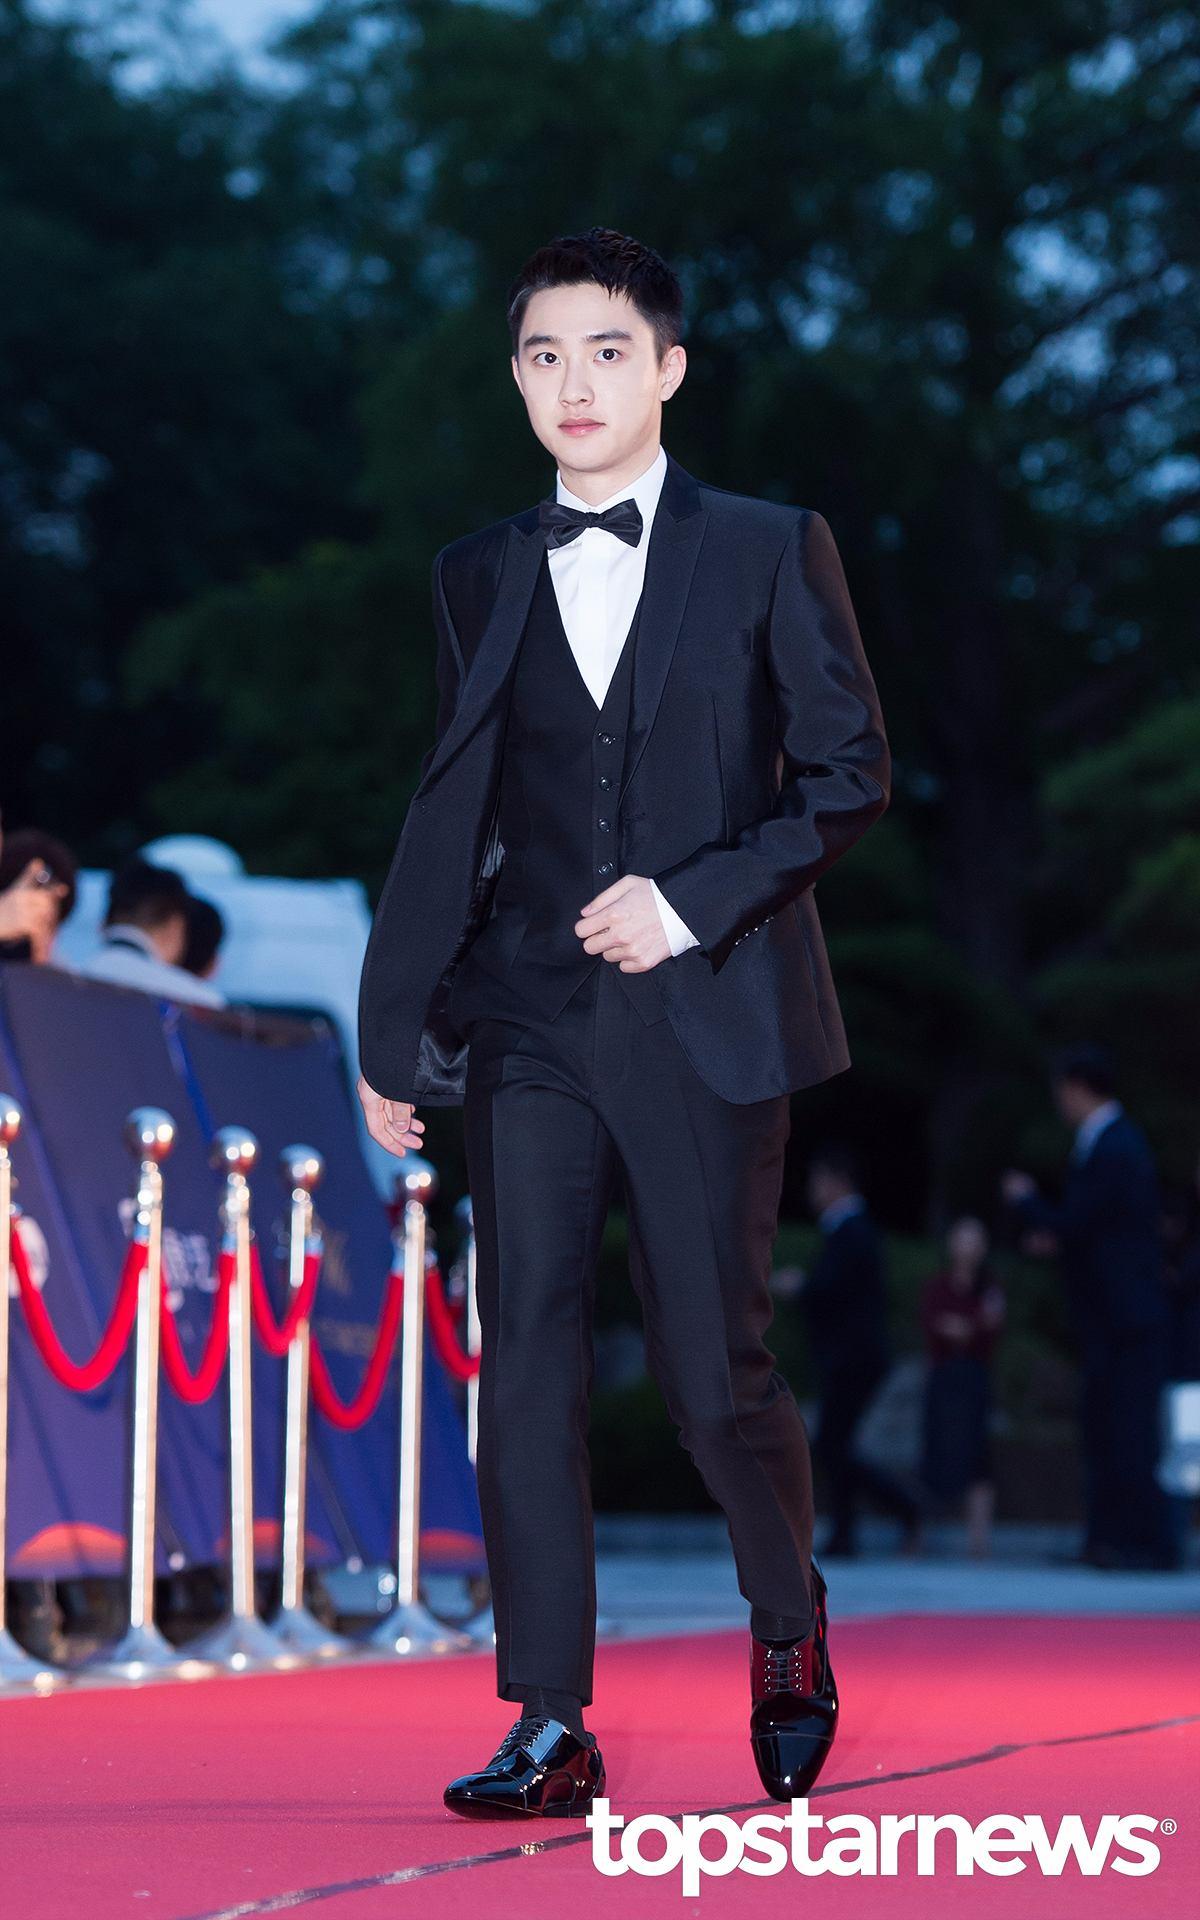 以短髮現身的都暻秀看起來超有朝氣,即將回歸的EXO前幾天公開預告照時引起熱烈討論,一起為他們的回歸應援吧~!